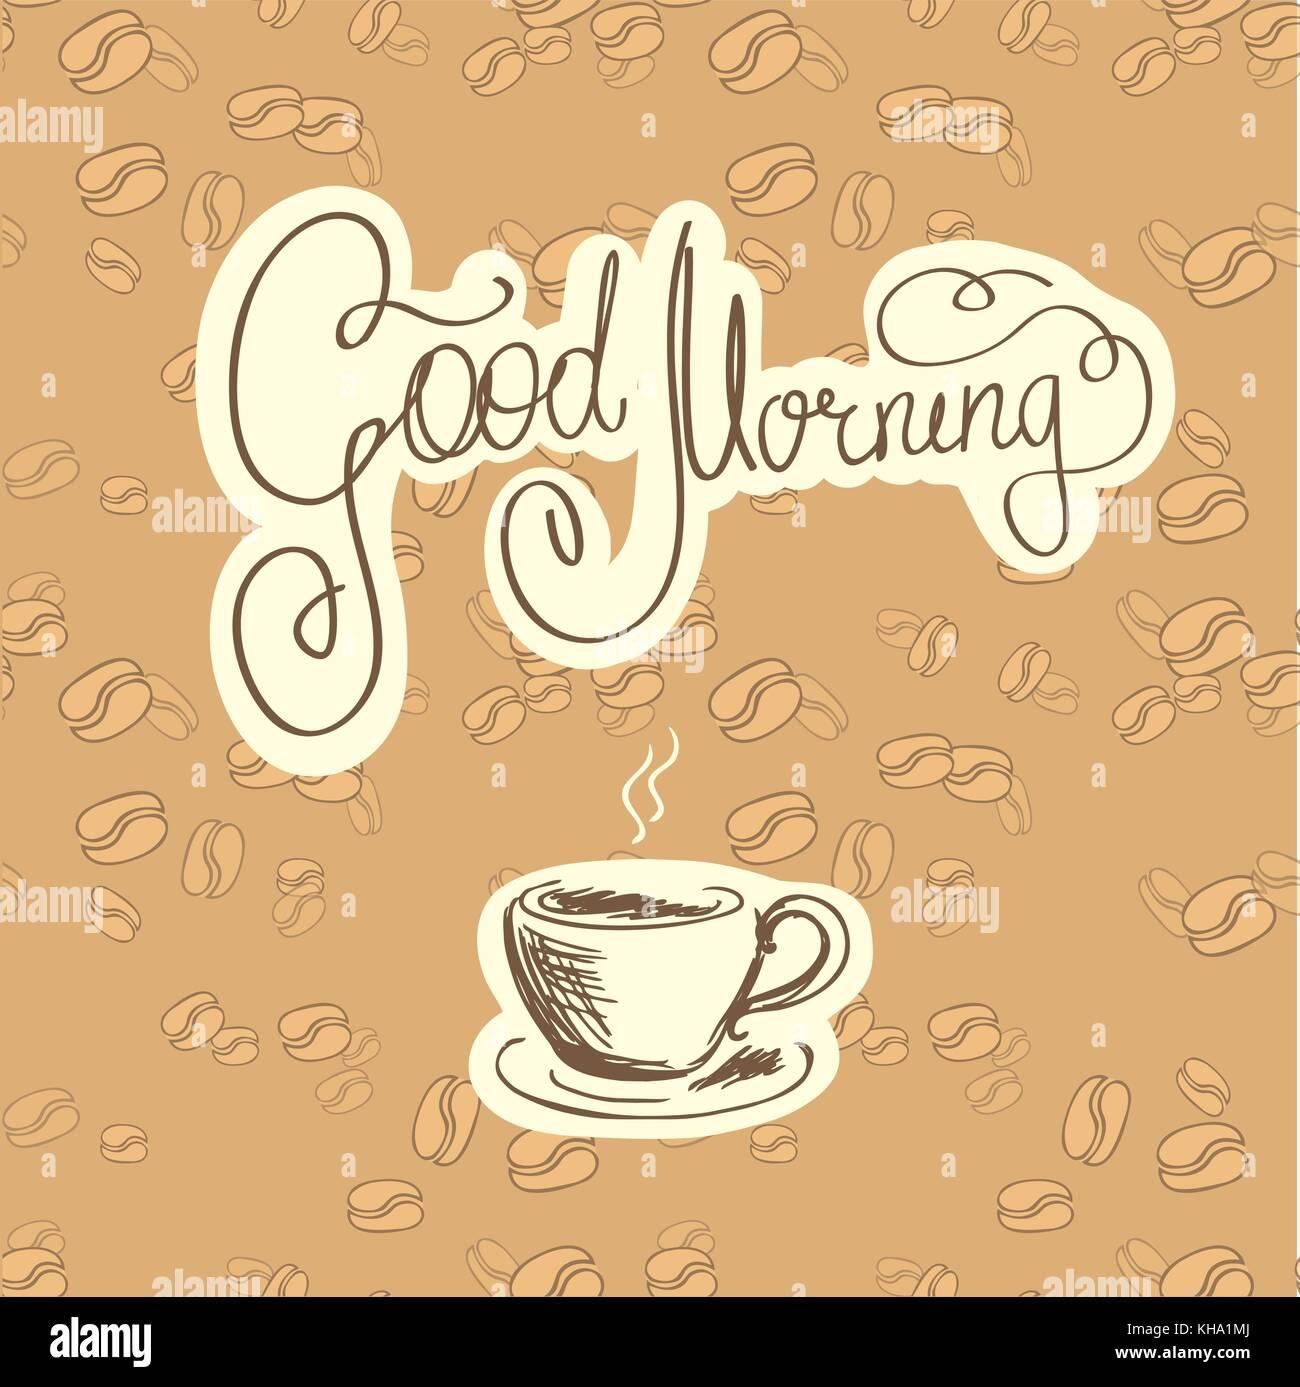 Guten Morgen Und Eine Tasse Kaffee Logo Oder Hintergrund